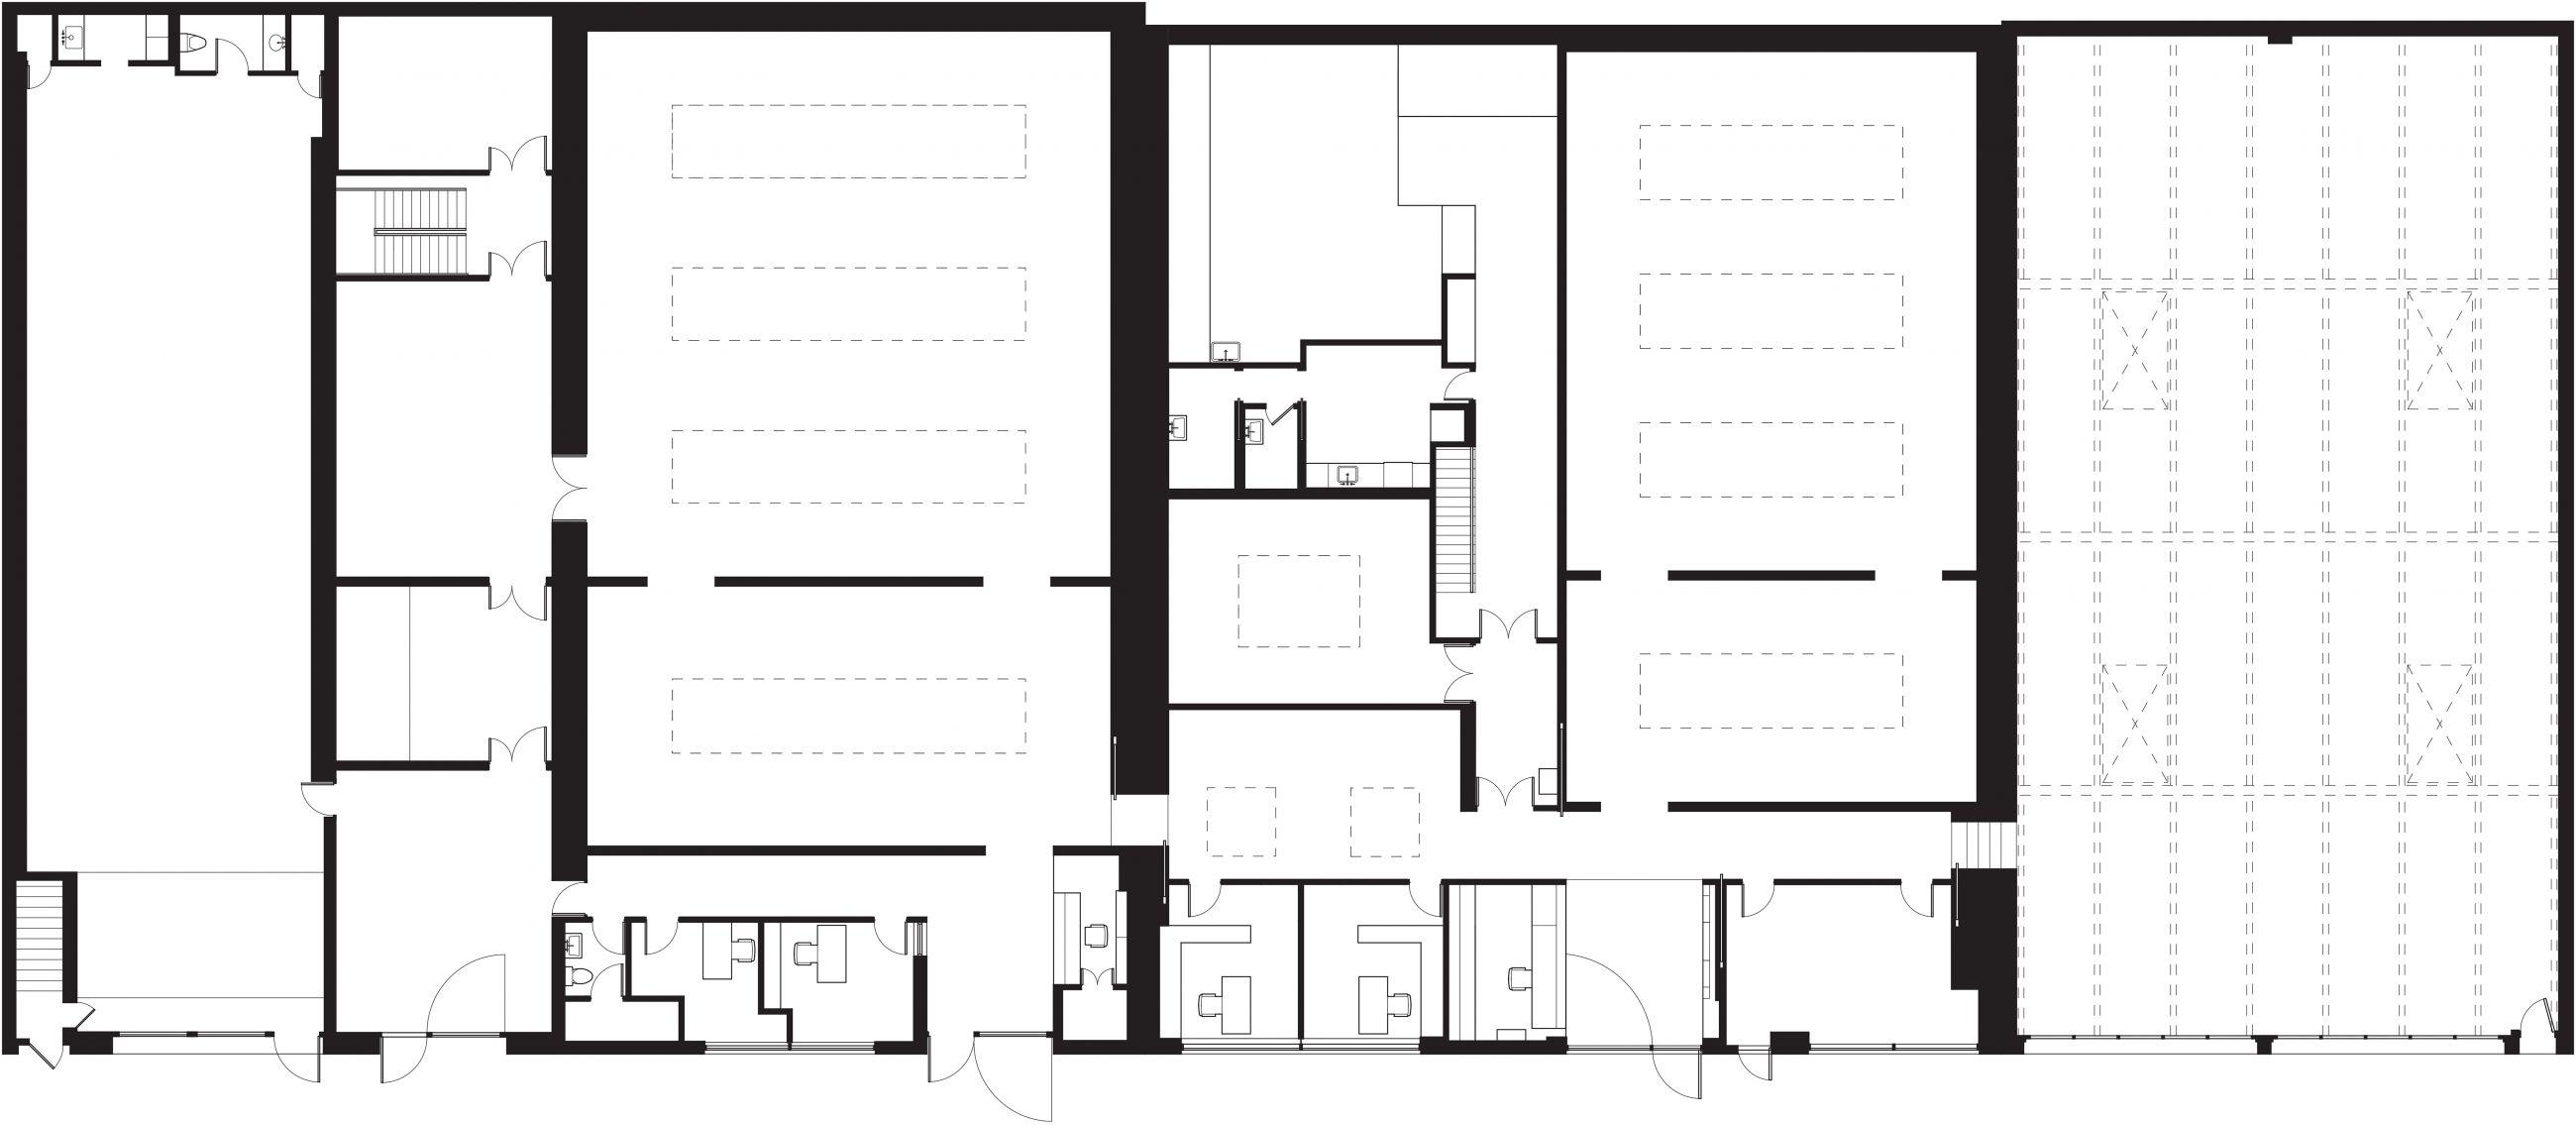 David Zwirner 19th Street 1st Floor Plan